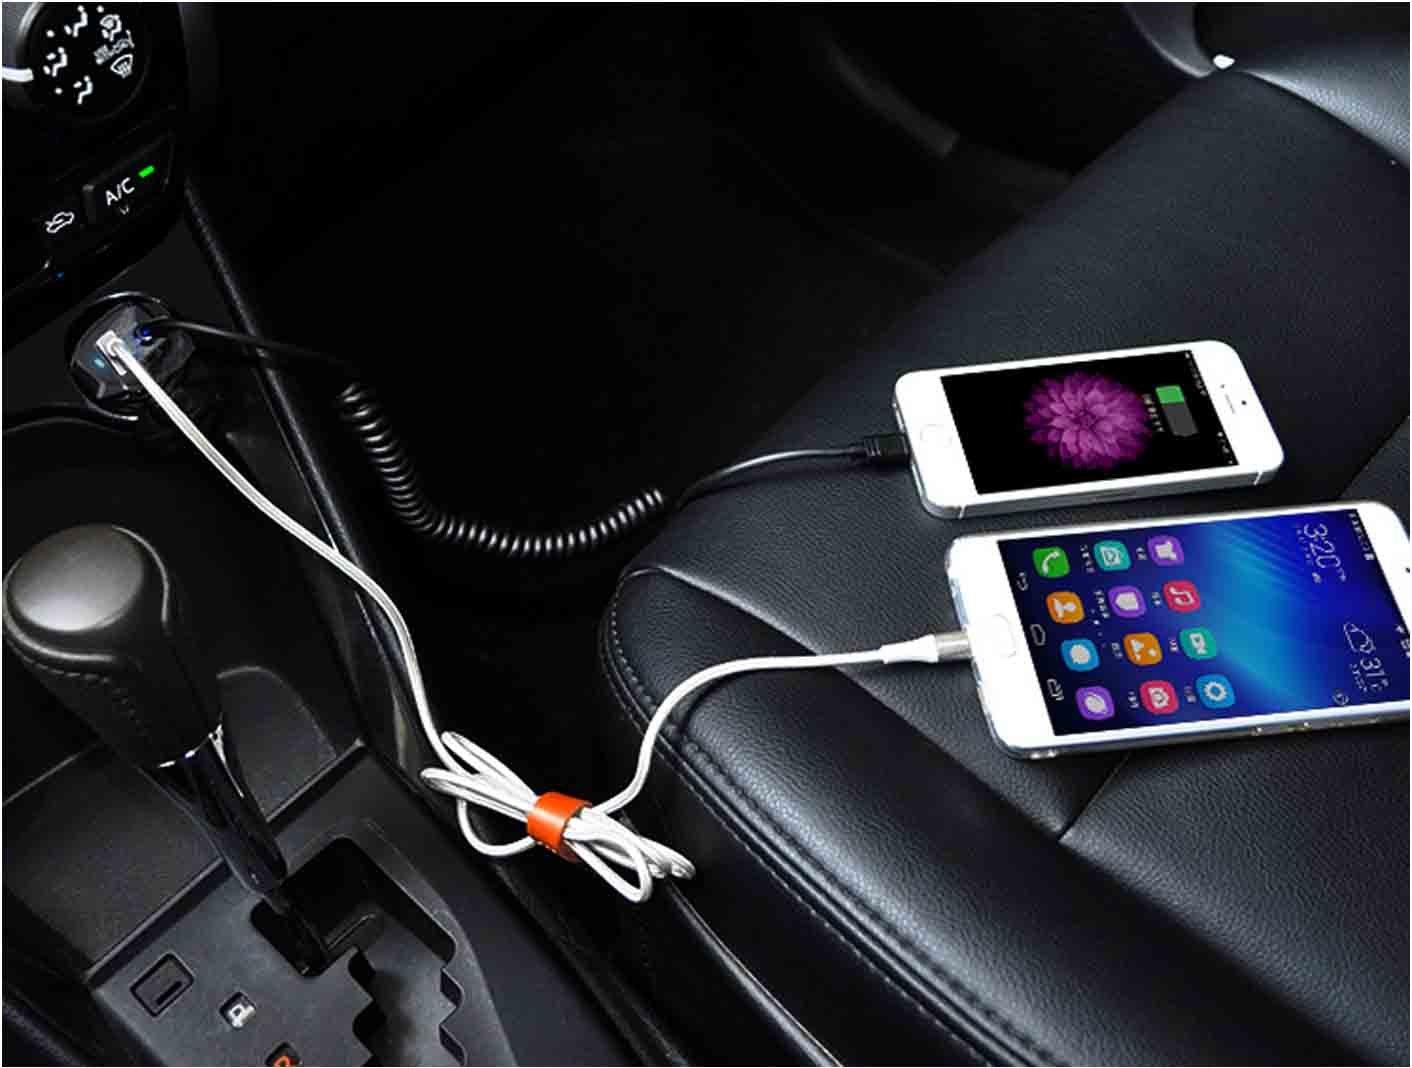 nero Cavo USB per Samsung Galaxy S7 S6 edge A5 S4,Note 4 Edge,HuaWei,Nexus HTC one m8, Caricatore da Auto Caricabatteria con Micro LG g4,g8